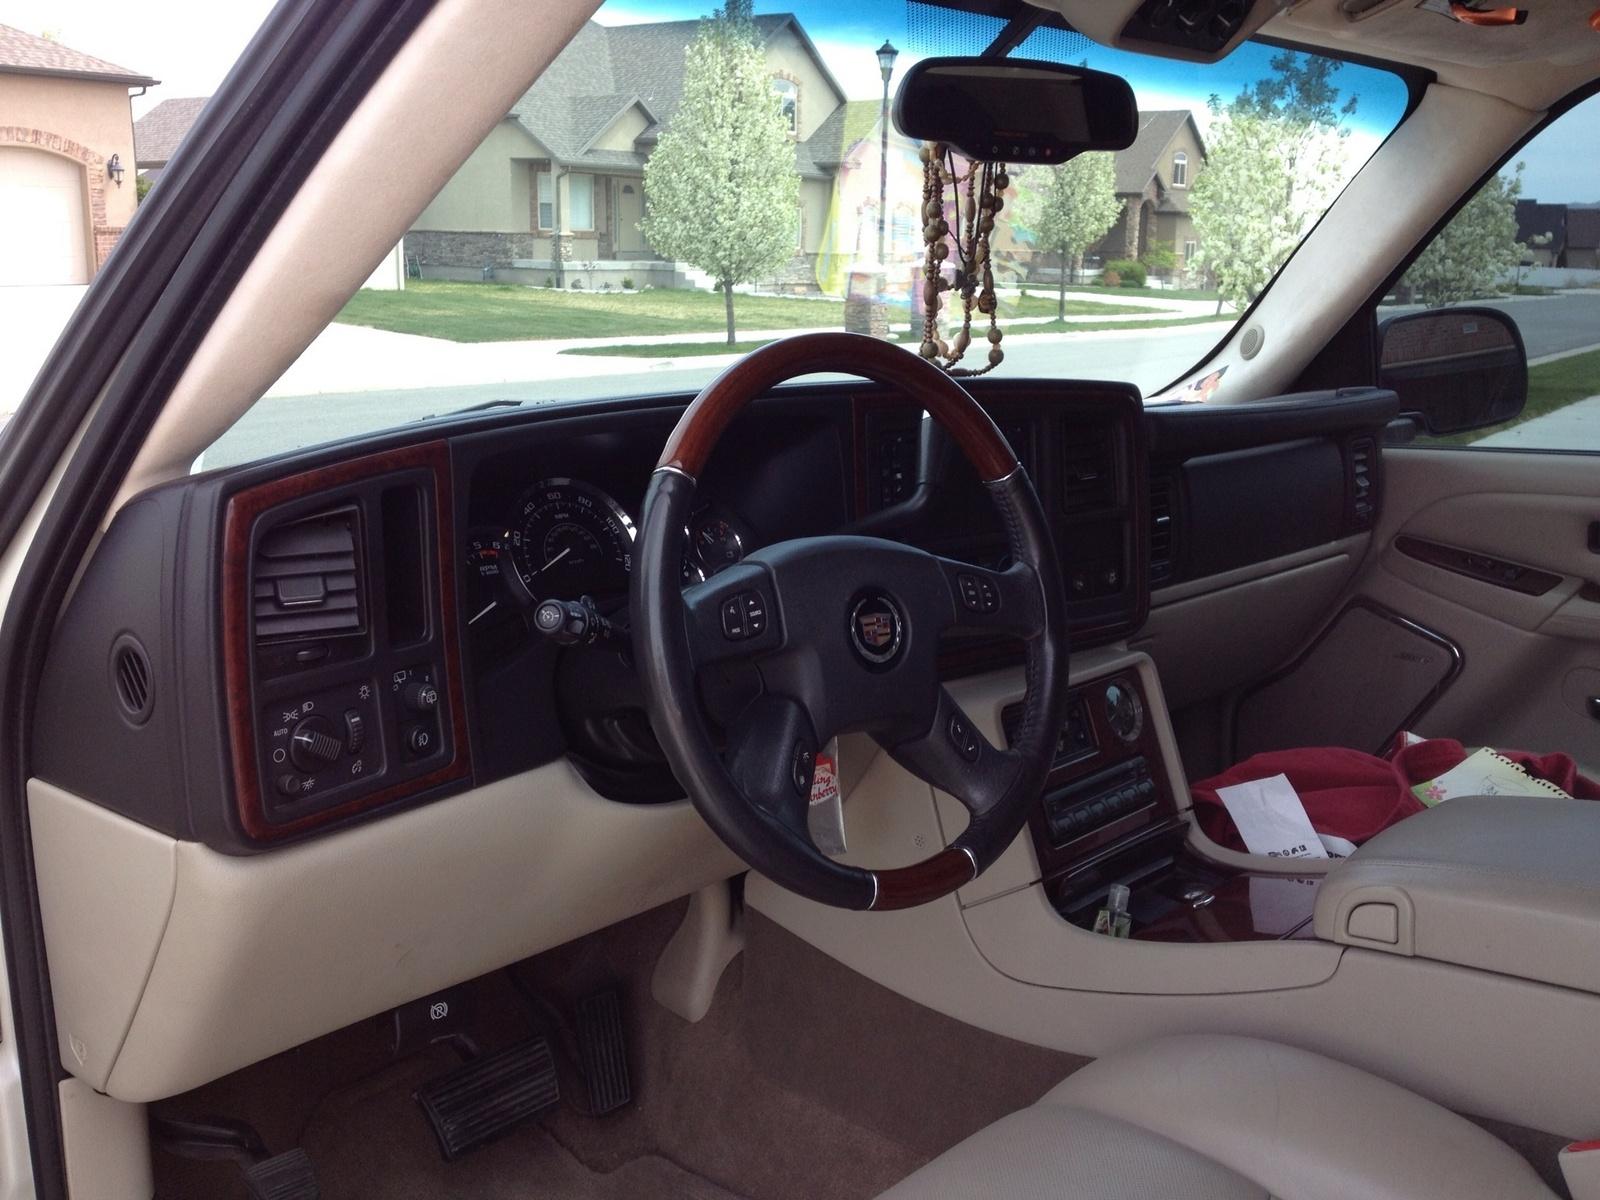 2005 Cadillac Escalade ESV - Pictures - CarGurus